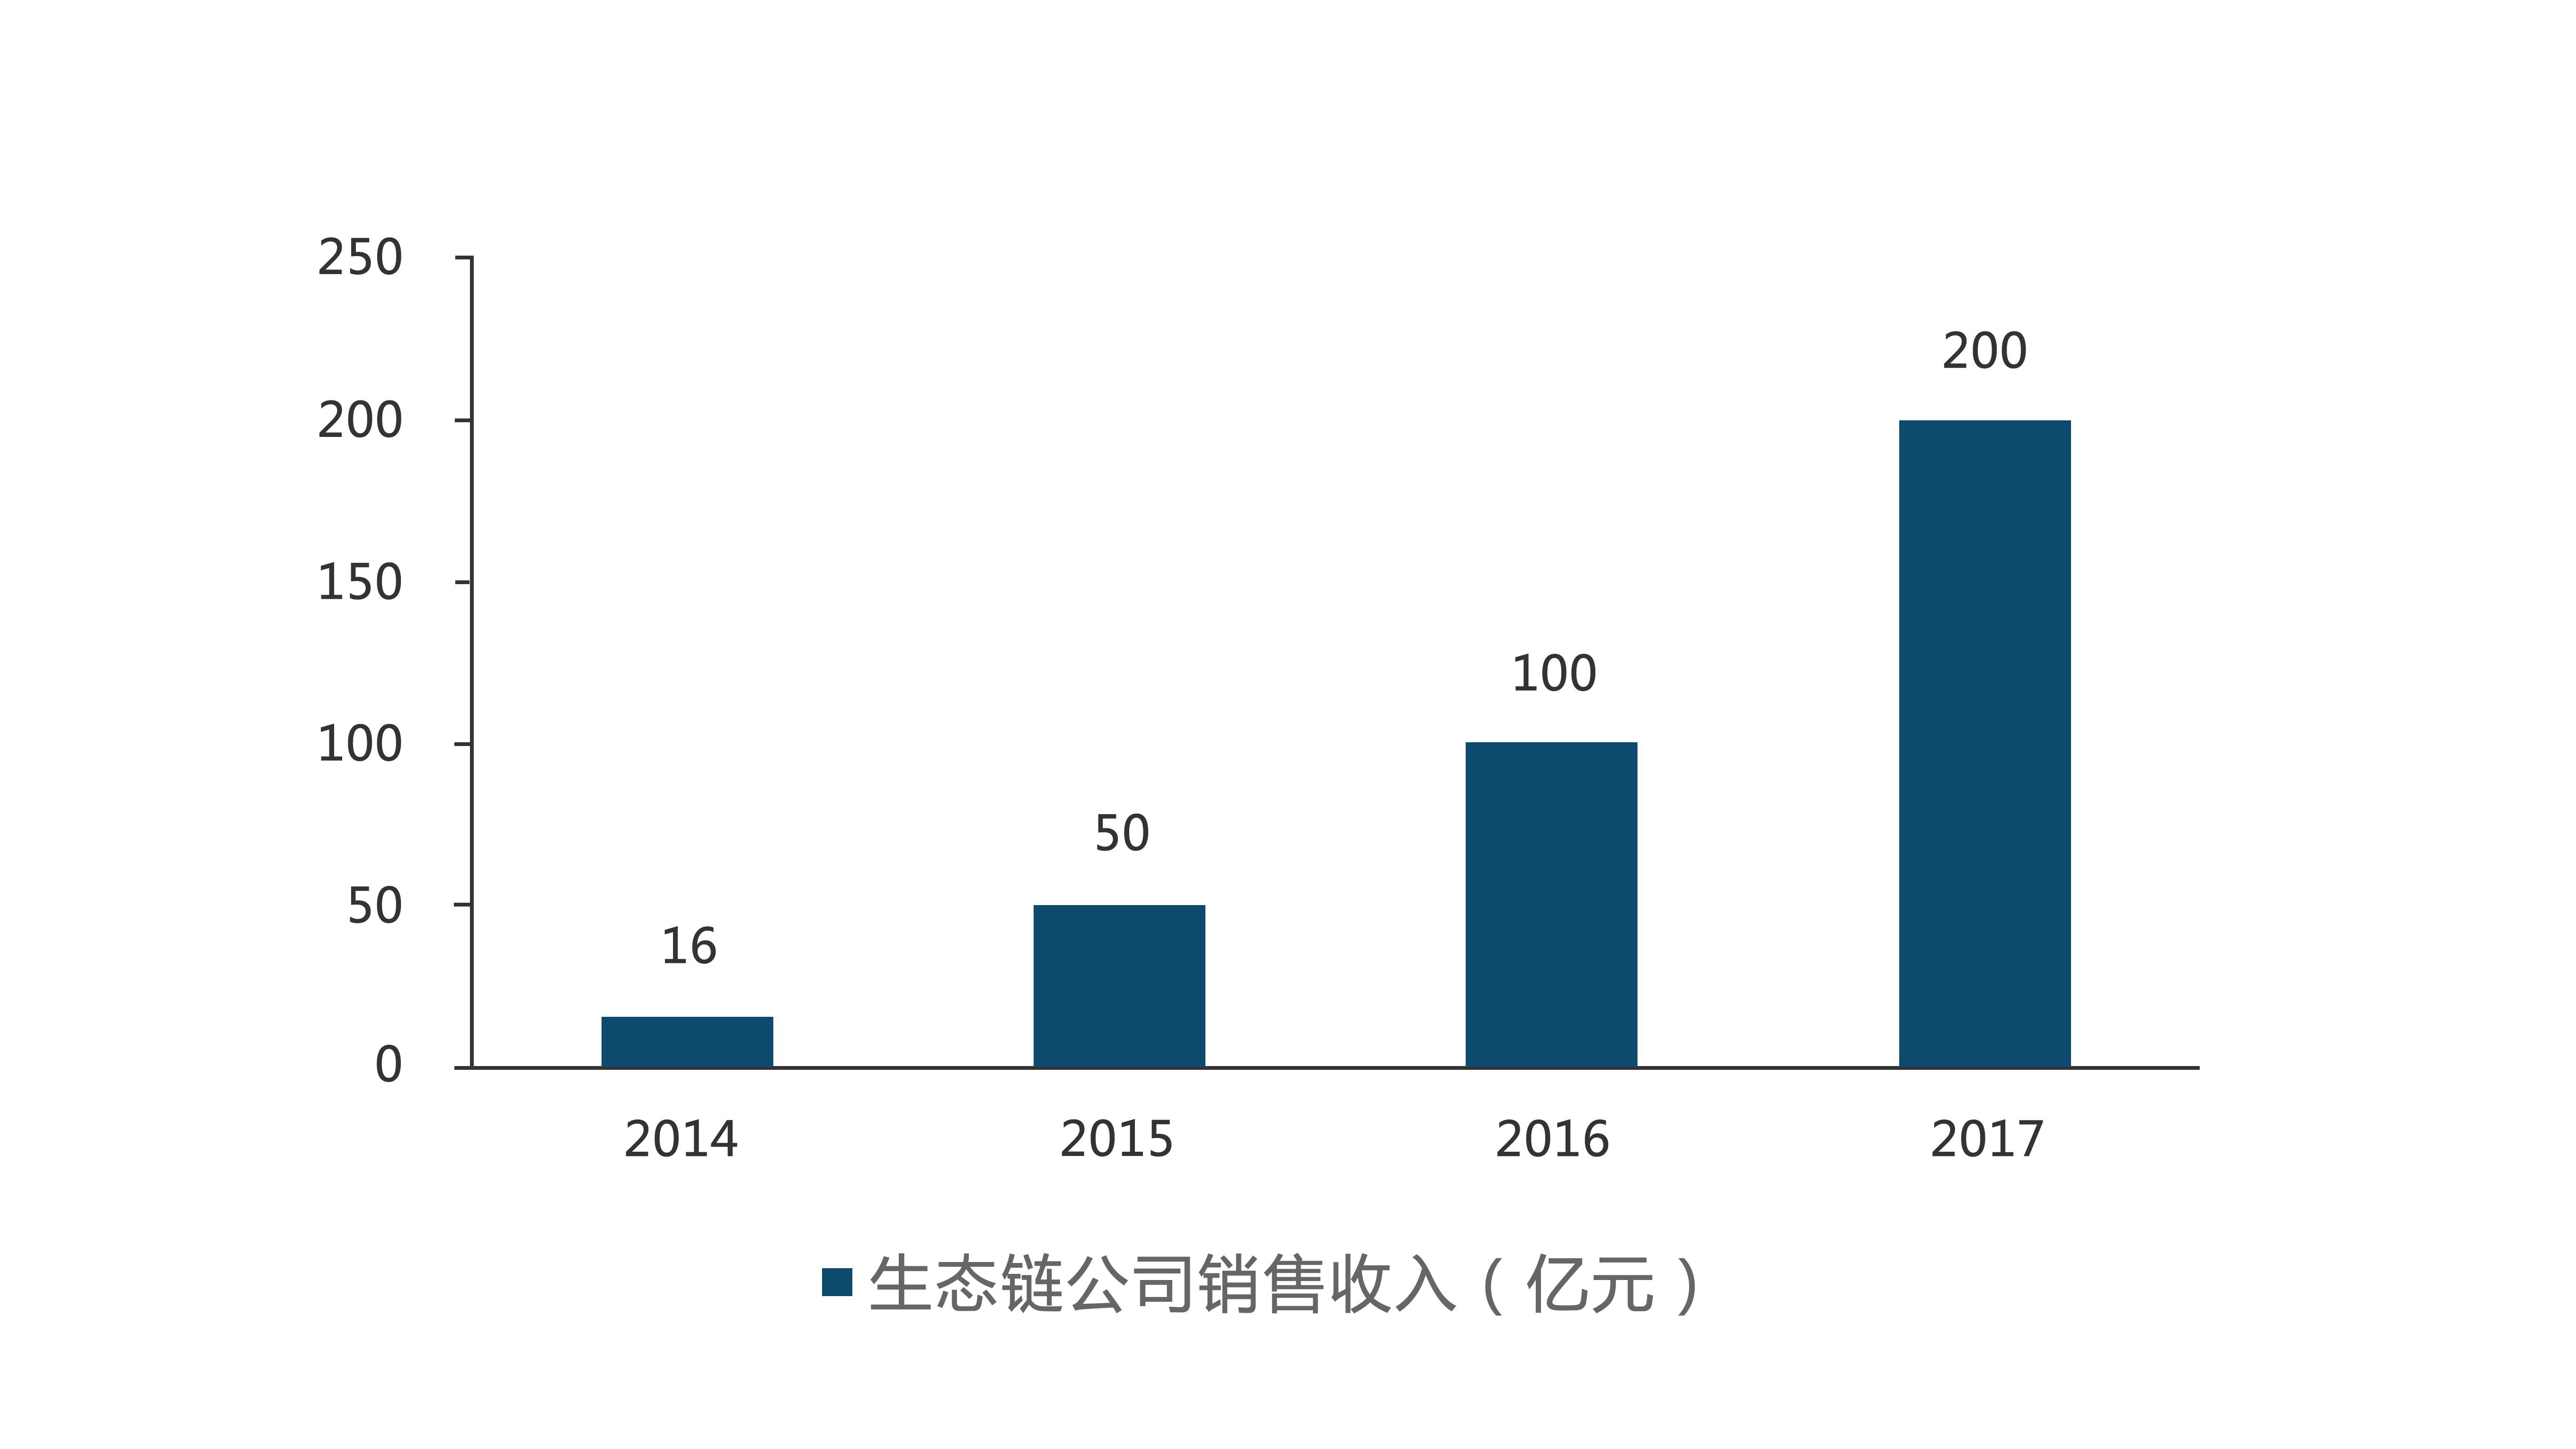 2017 年小米生态链公司(不仅是家电企业) 销售.jpg